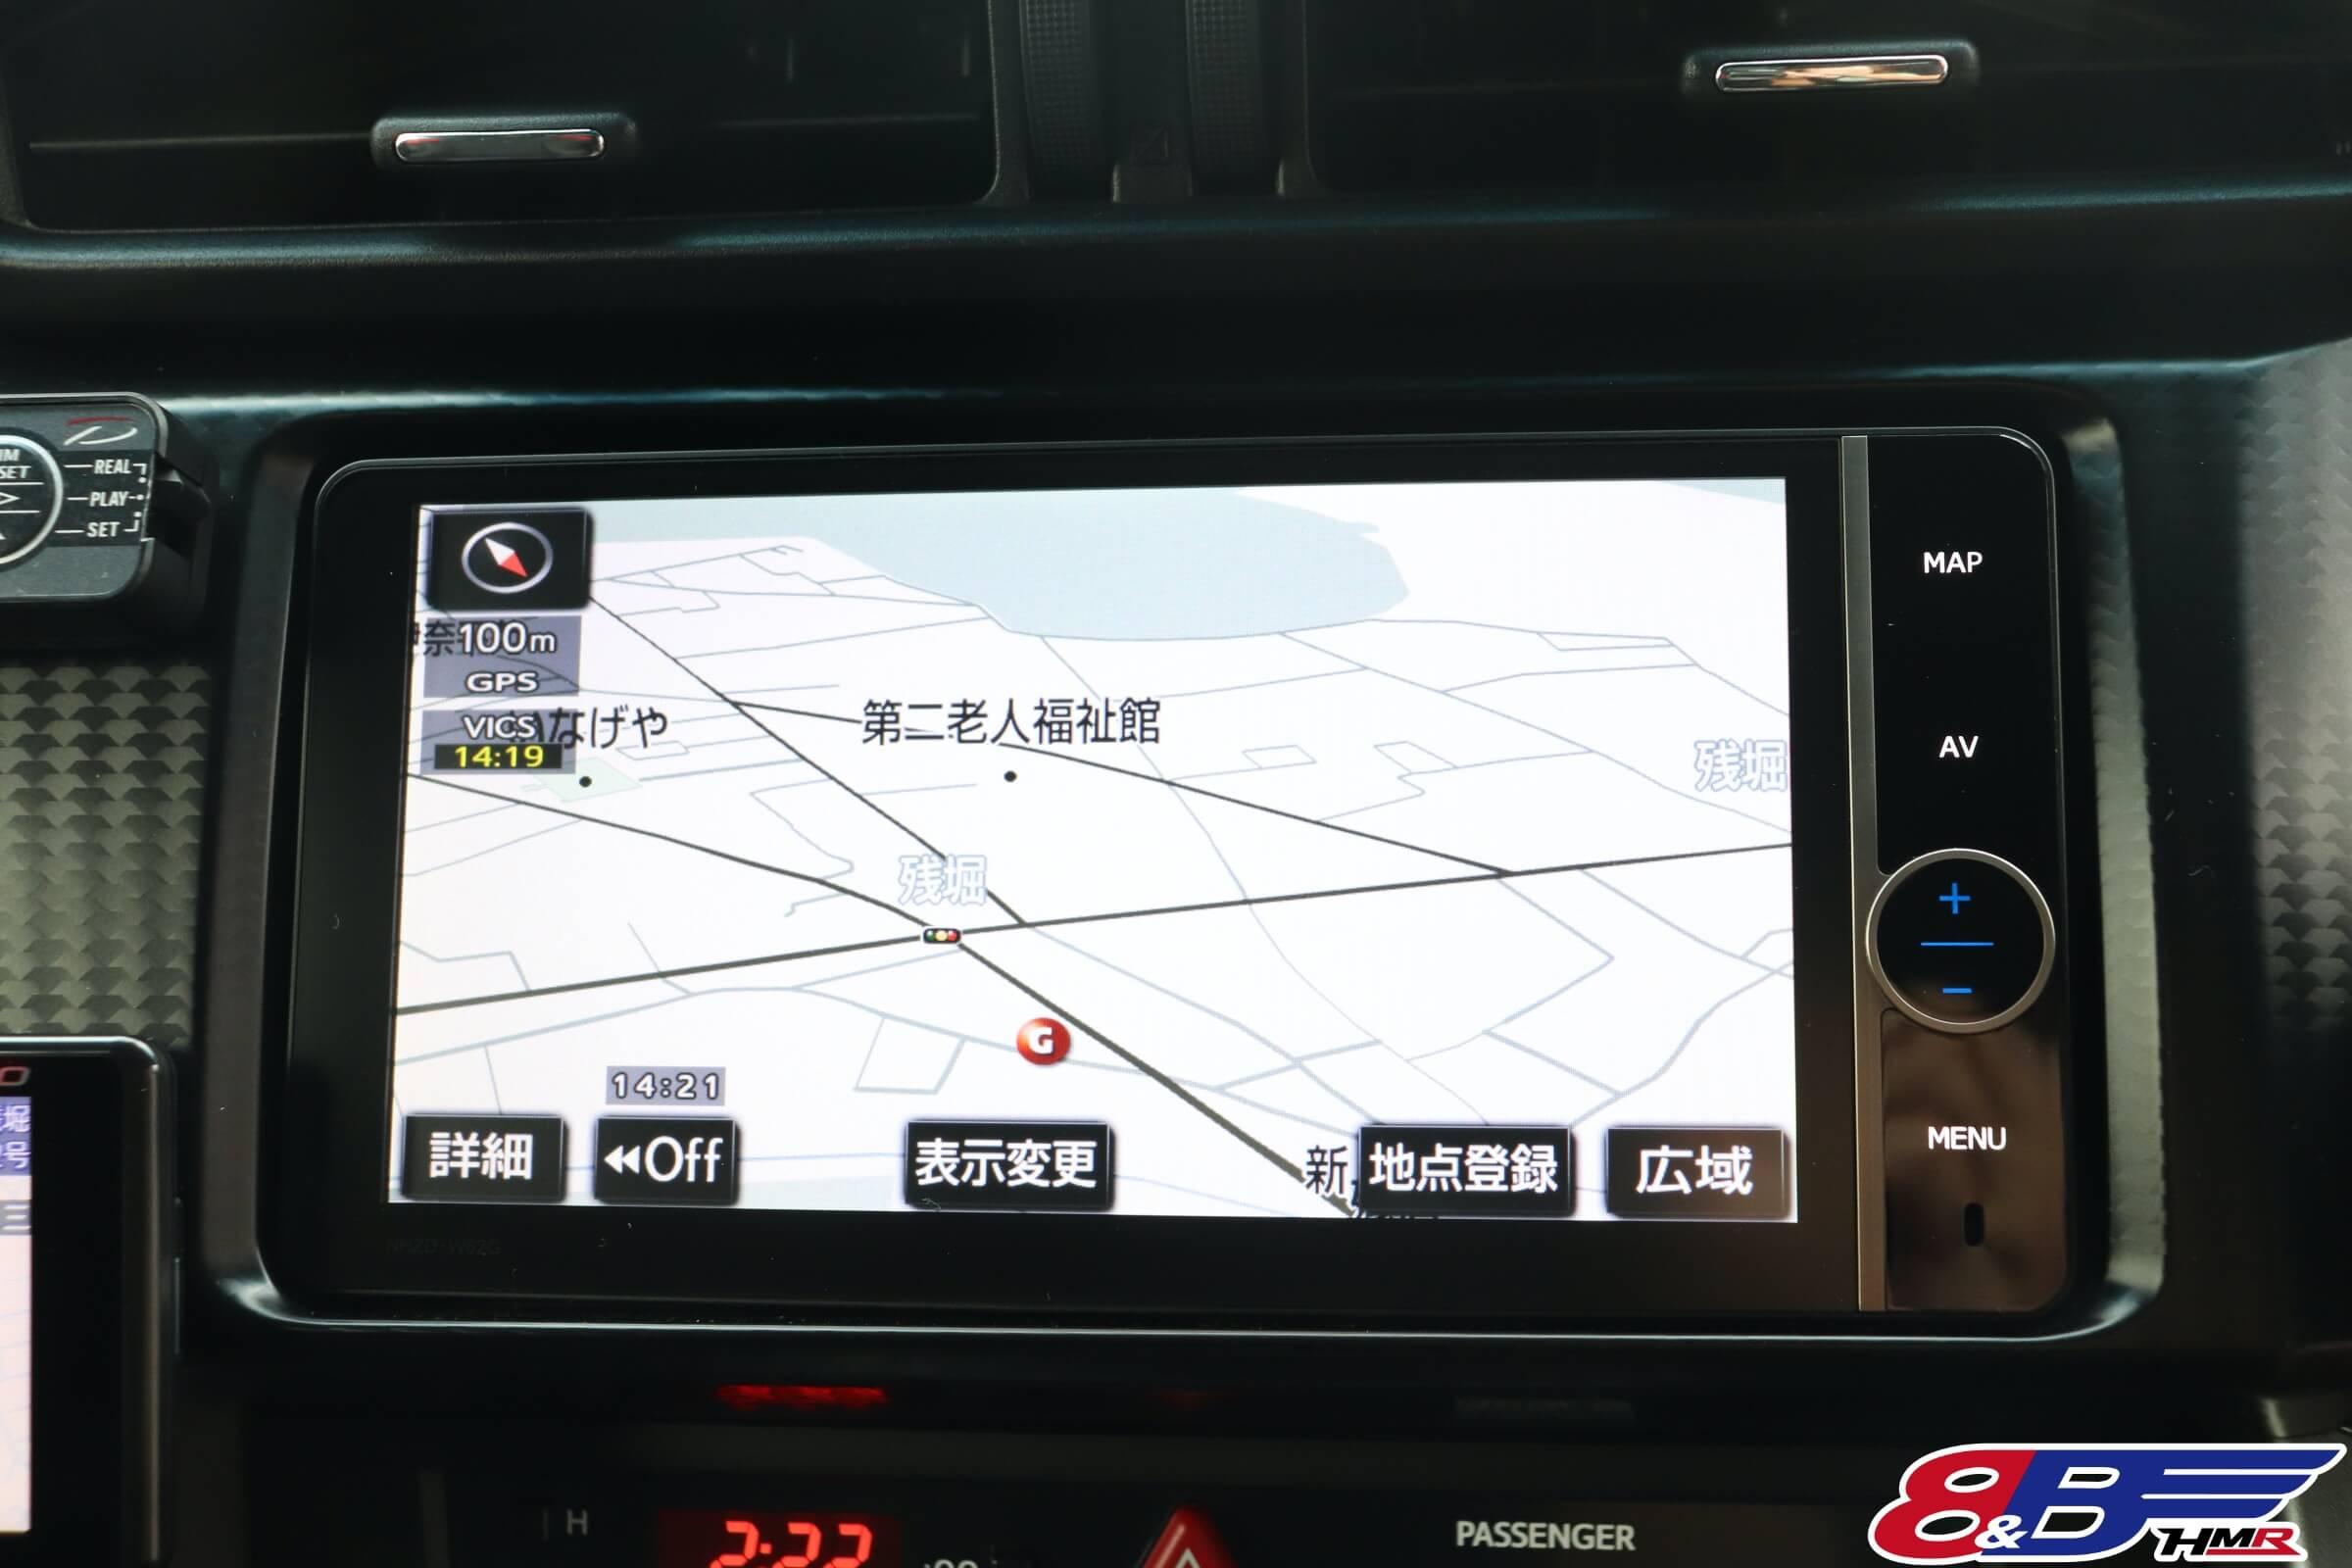 トヨタ86(ZN6) トヨタHDDナビ(NHZD-W62G)